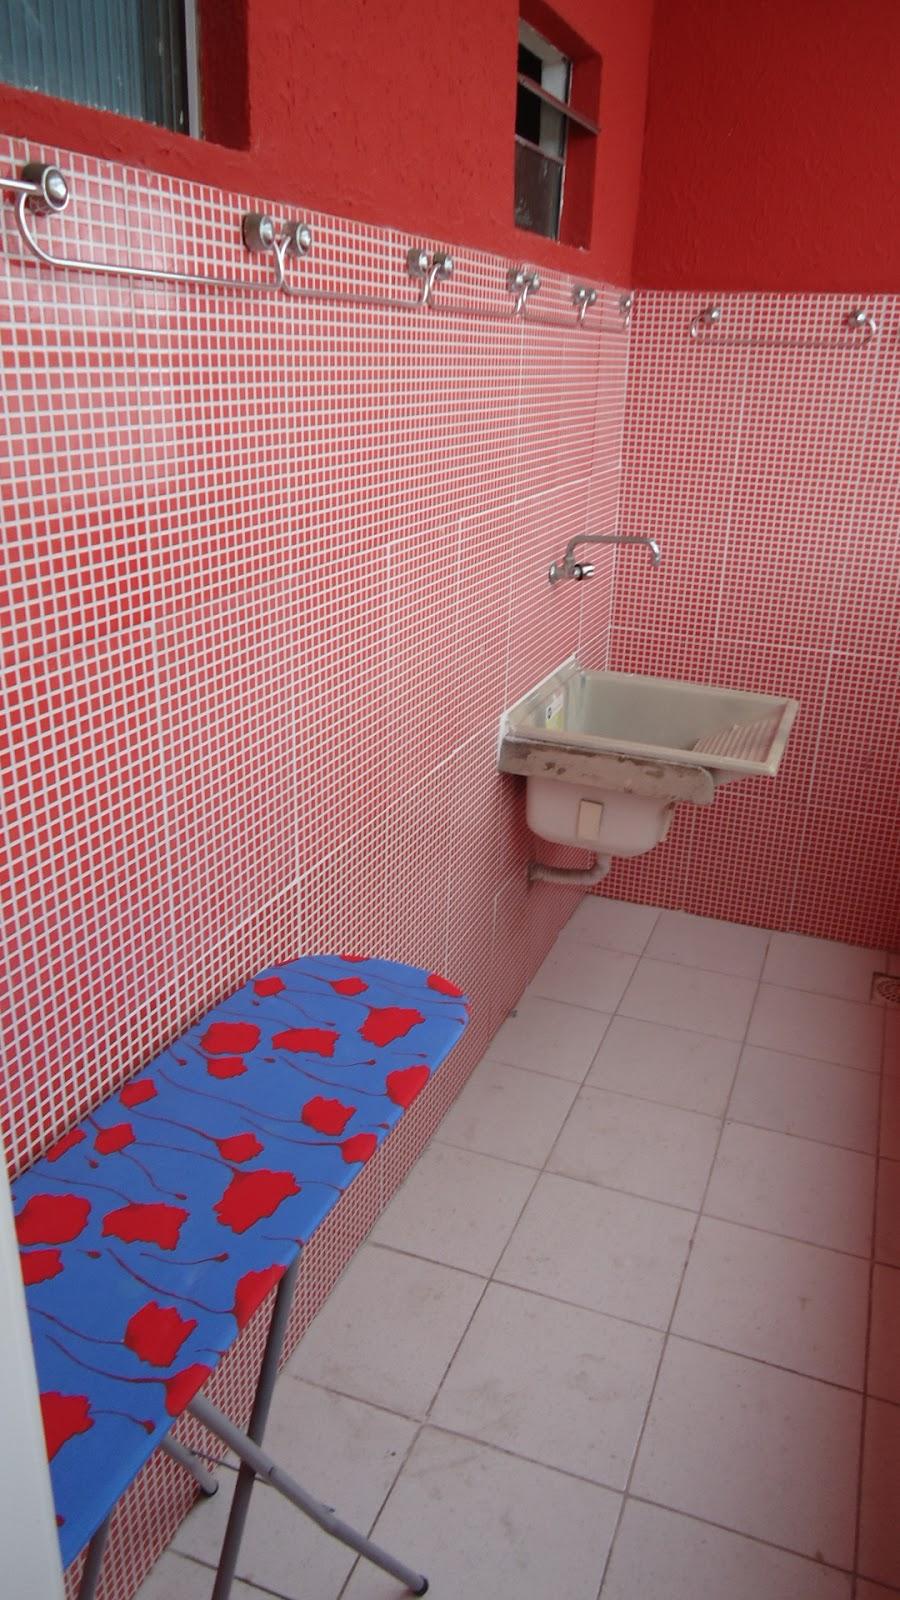 Área de serviço do pensionato Lar das meninax (Fortaleza-CE)